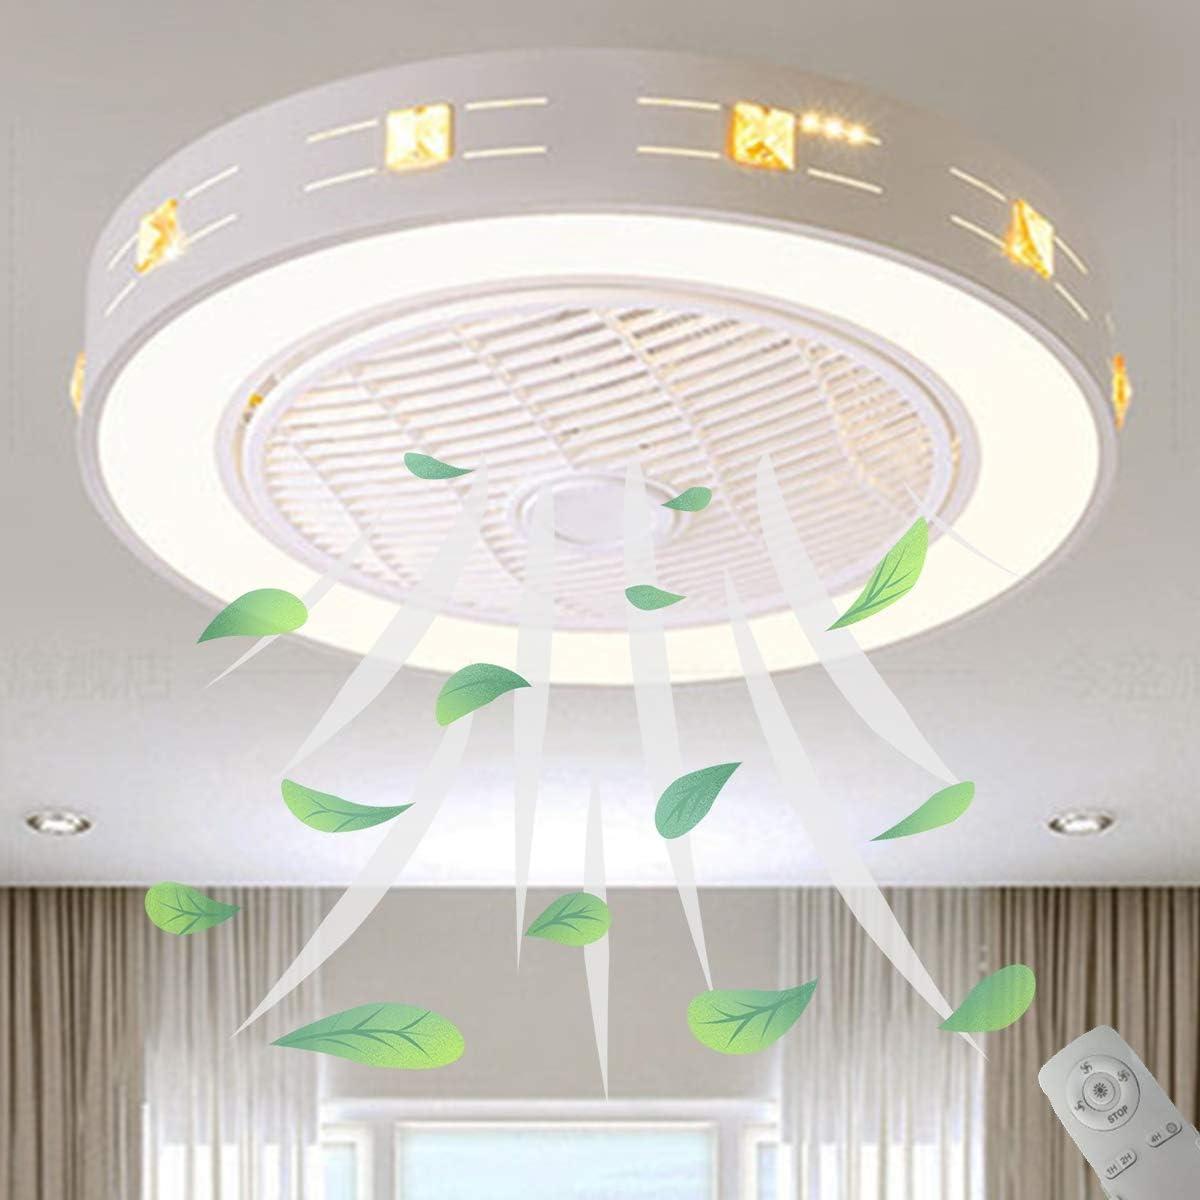 La Luz del Ventilador del Techo del, Φ55cm Ajuste de Luz de 3 Colores Invisible Luz de Ventilador con Control Remoto para La Lámpara del Dormitorio de Nursery, Sala de Estar,A